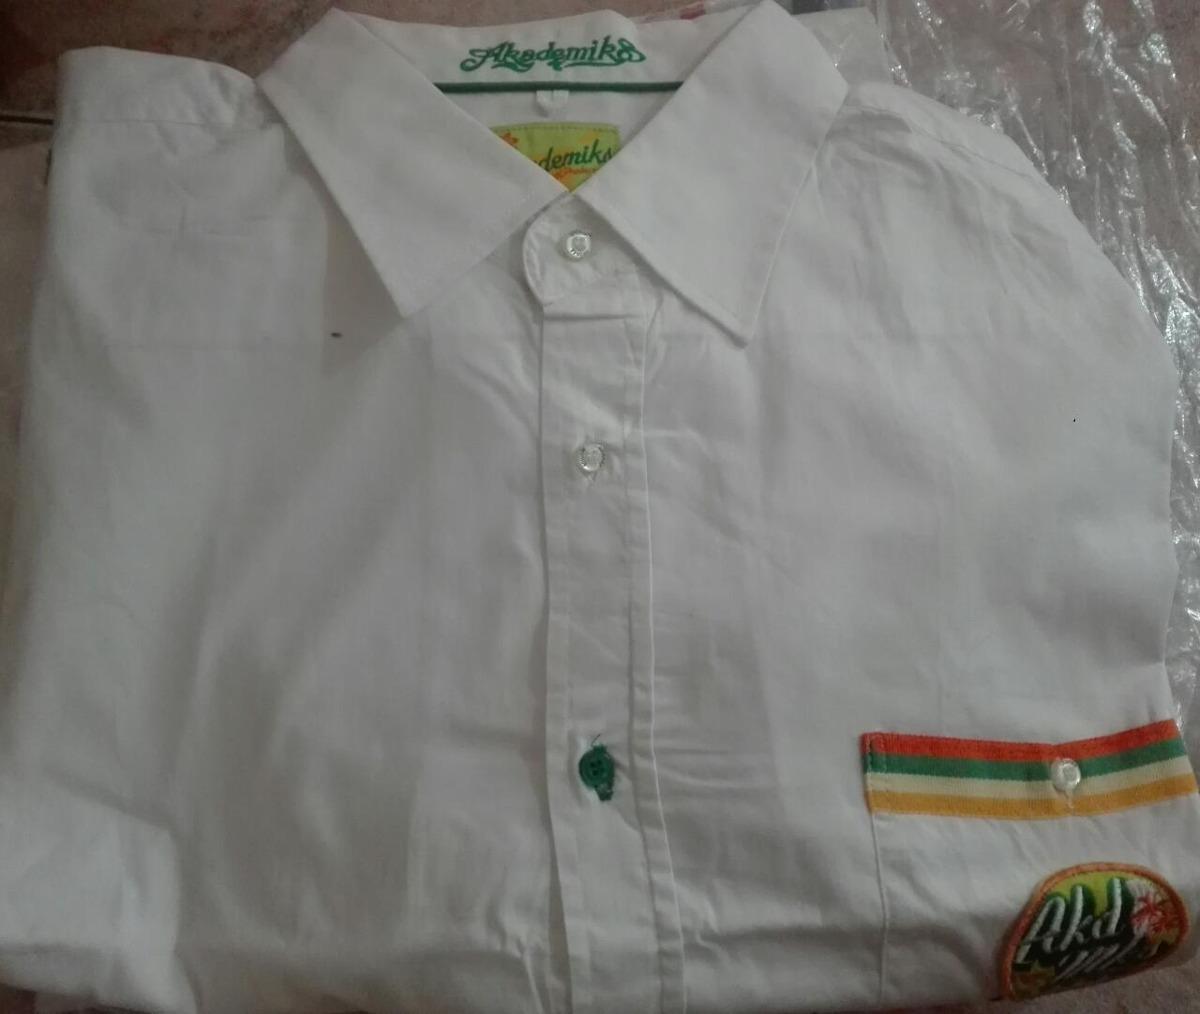 Camisas Camisetas Tallas Grandes Importadas Hasta 2xl 49 900 En Mercado Libre